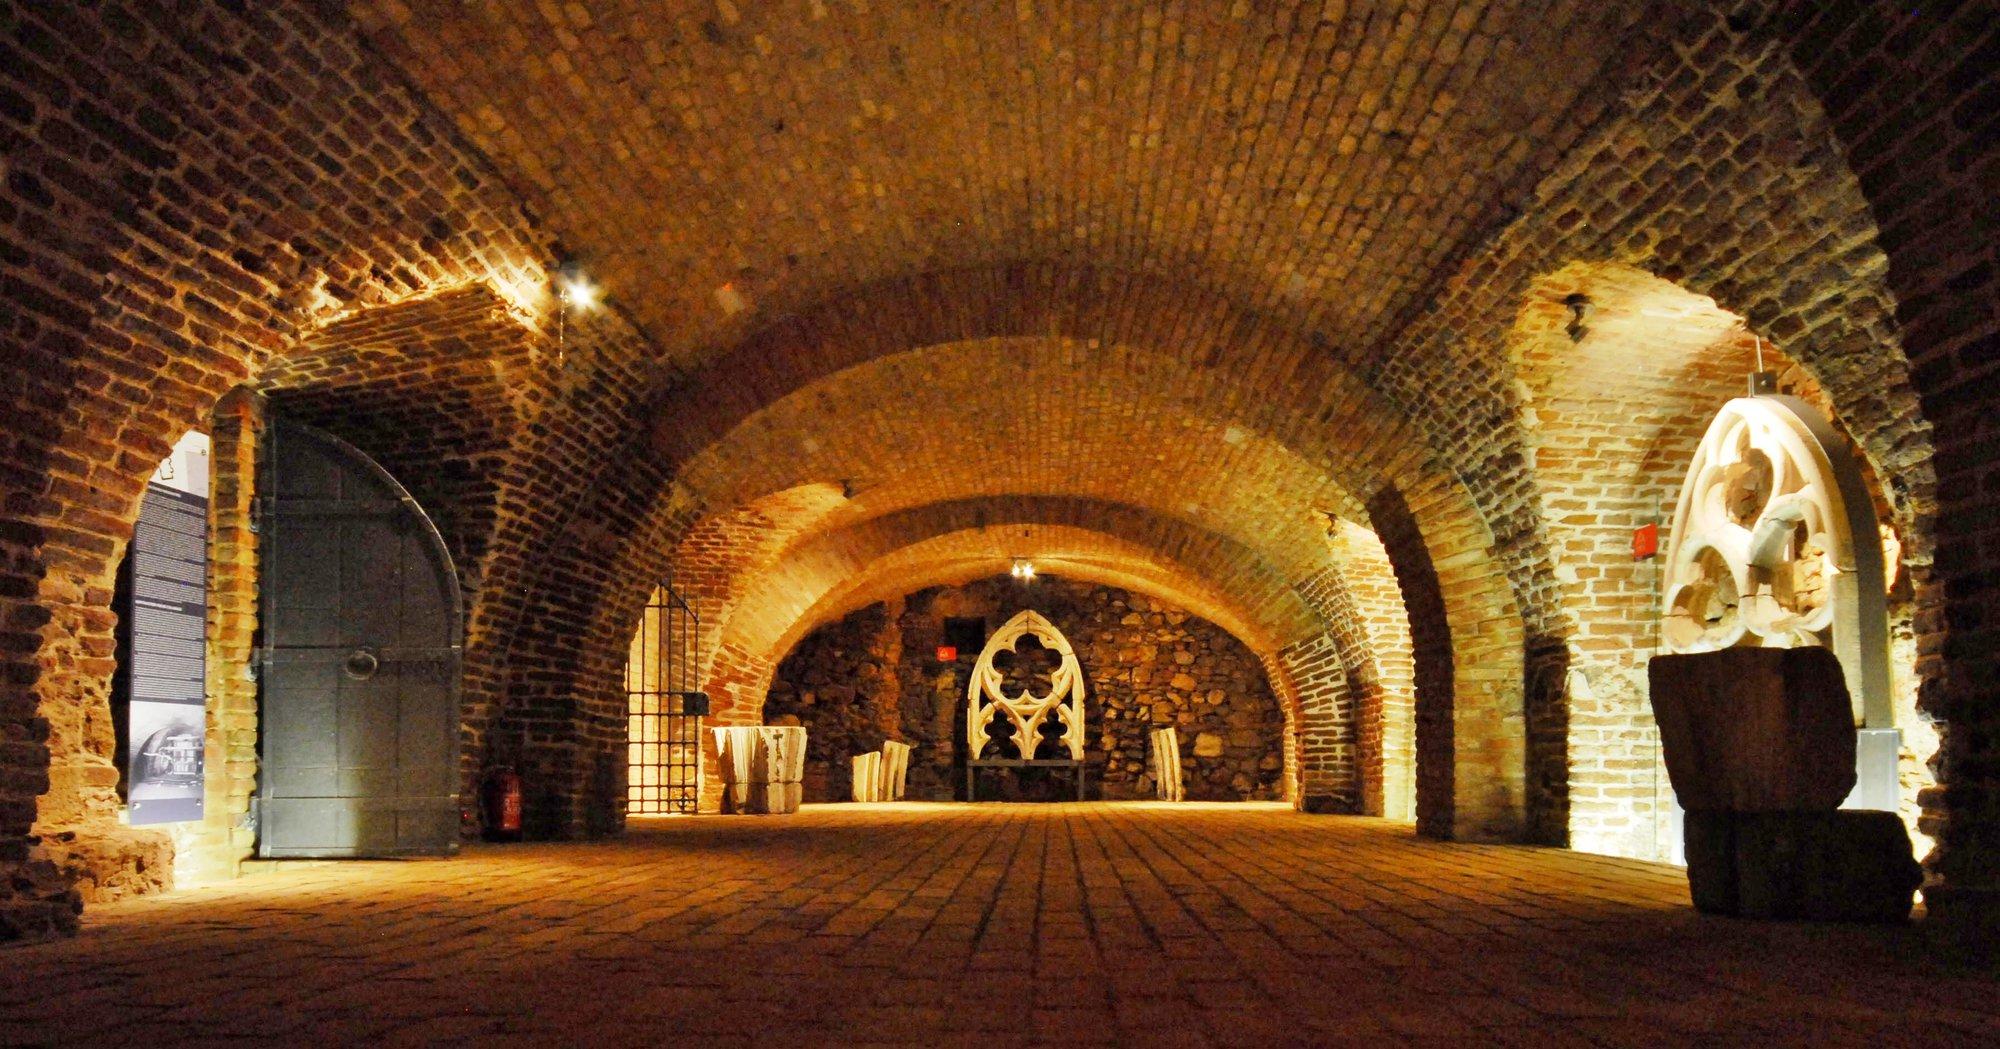 Brno underground – the coin master's cellar